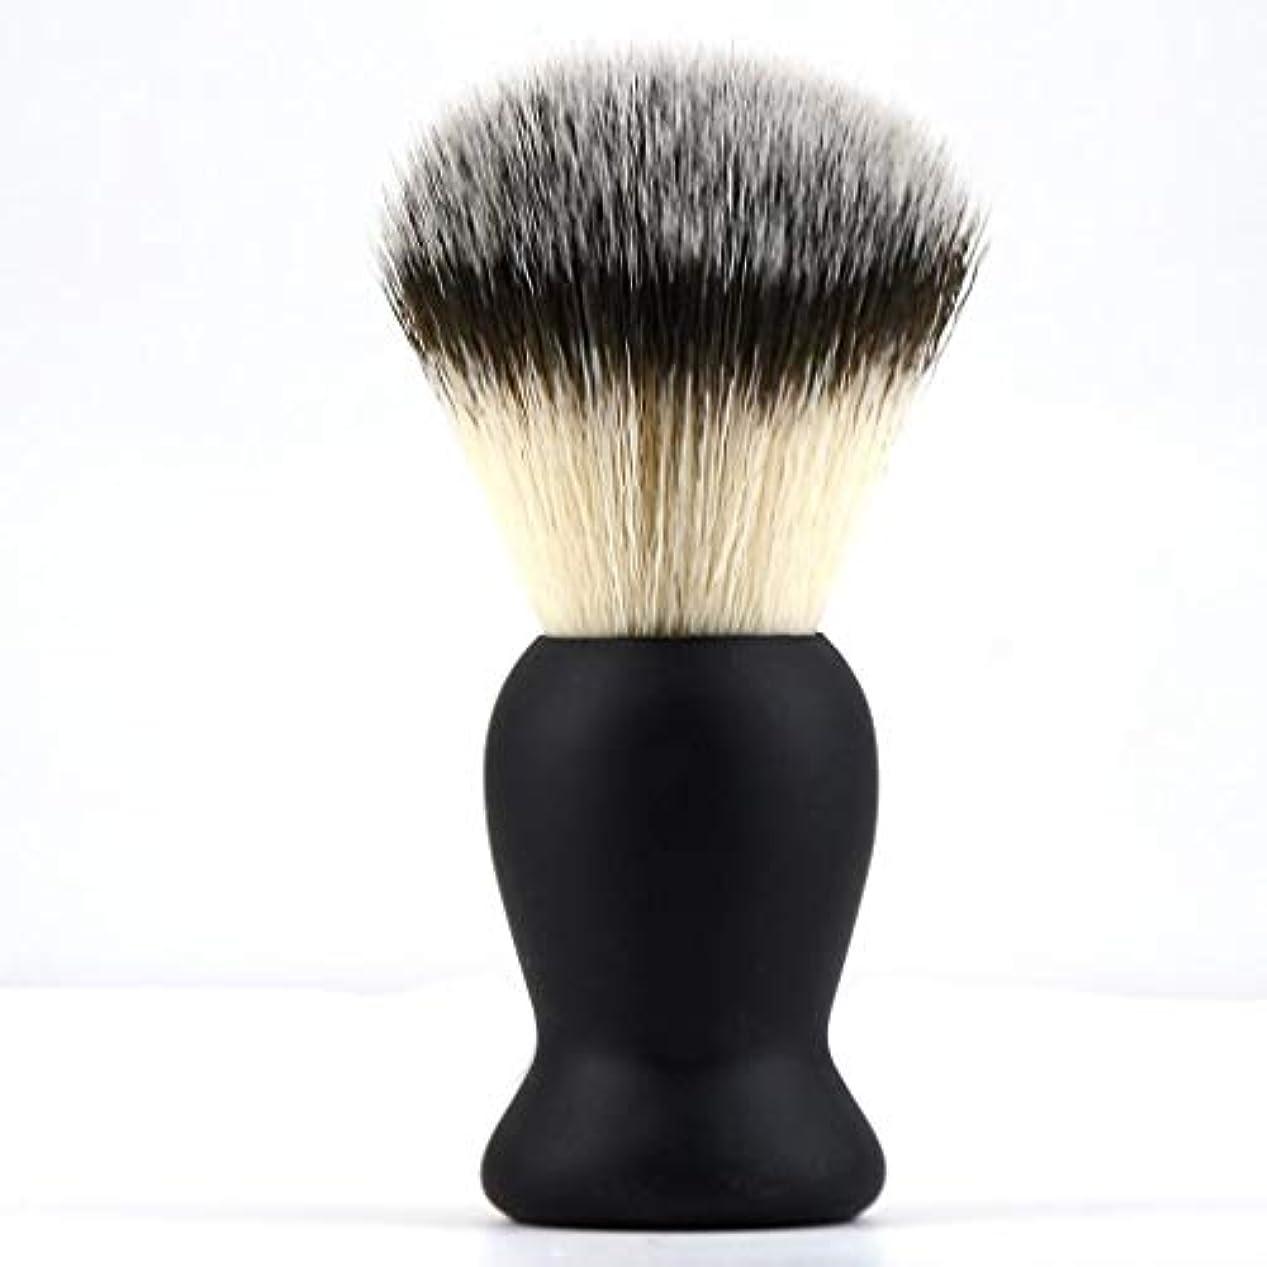 肩をすくめる速いたぶんHellery 髭剃り ブラシ シェービングブラシ ひげブラシ サロン ナイロン毛 柔らかい ひげ剃り 理容 便携